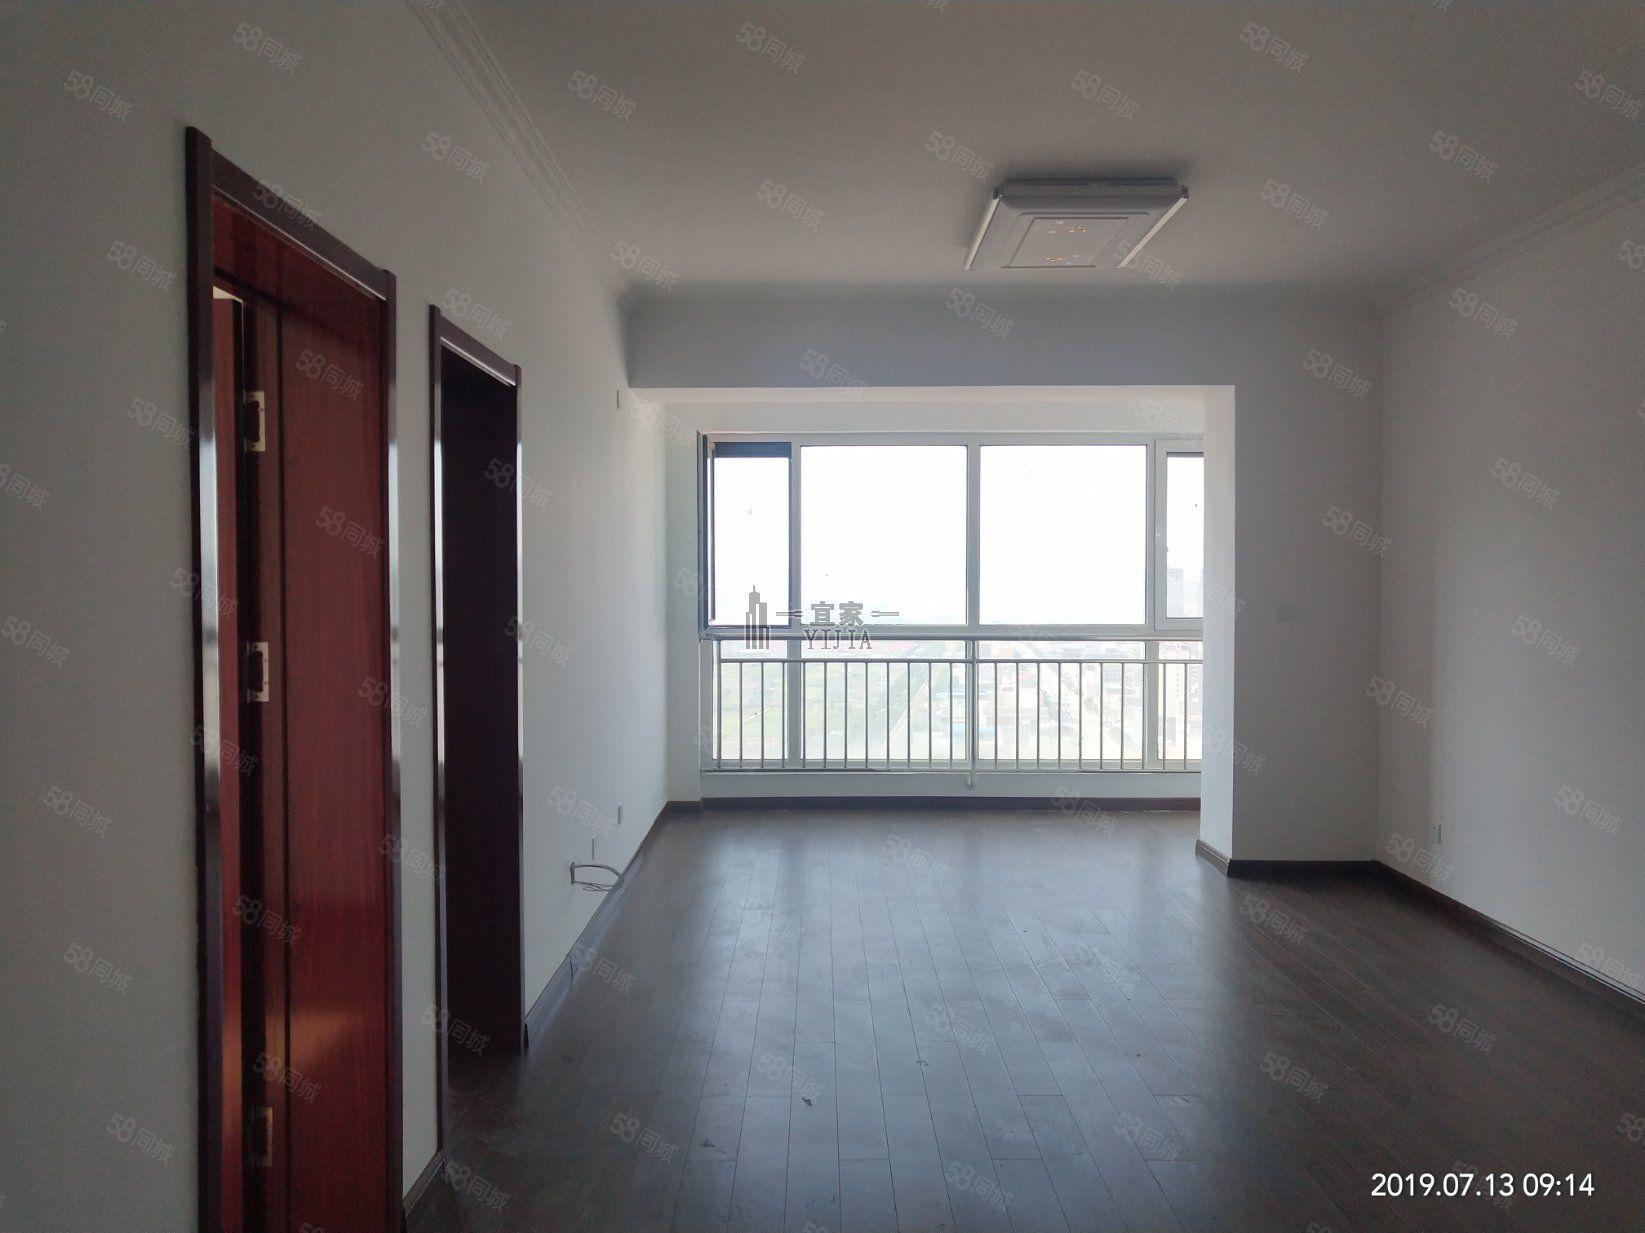 國際青年城2室2廳94.6平米現房采光好精裝修